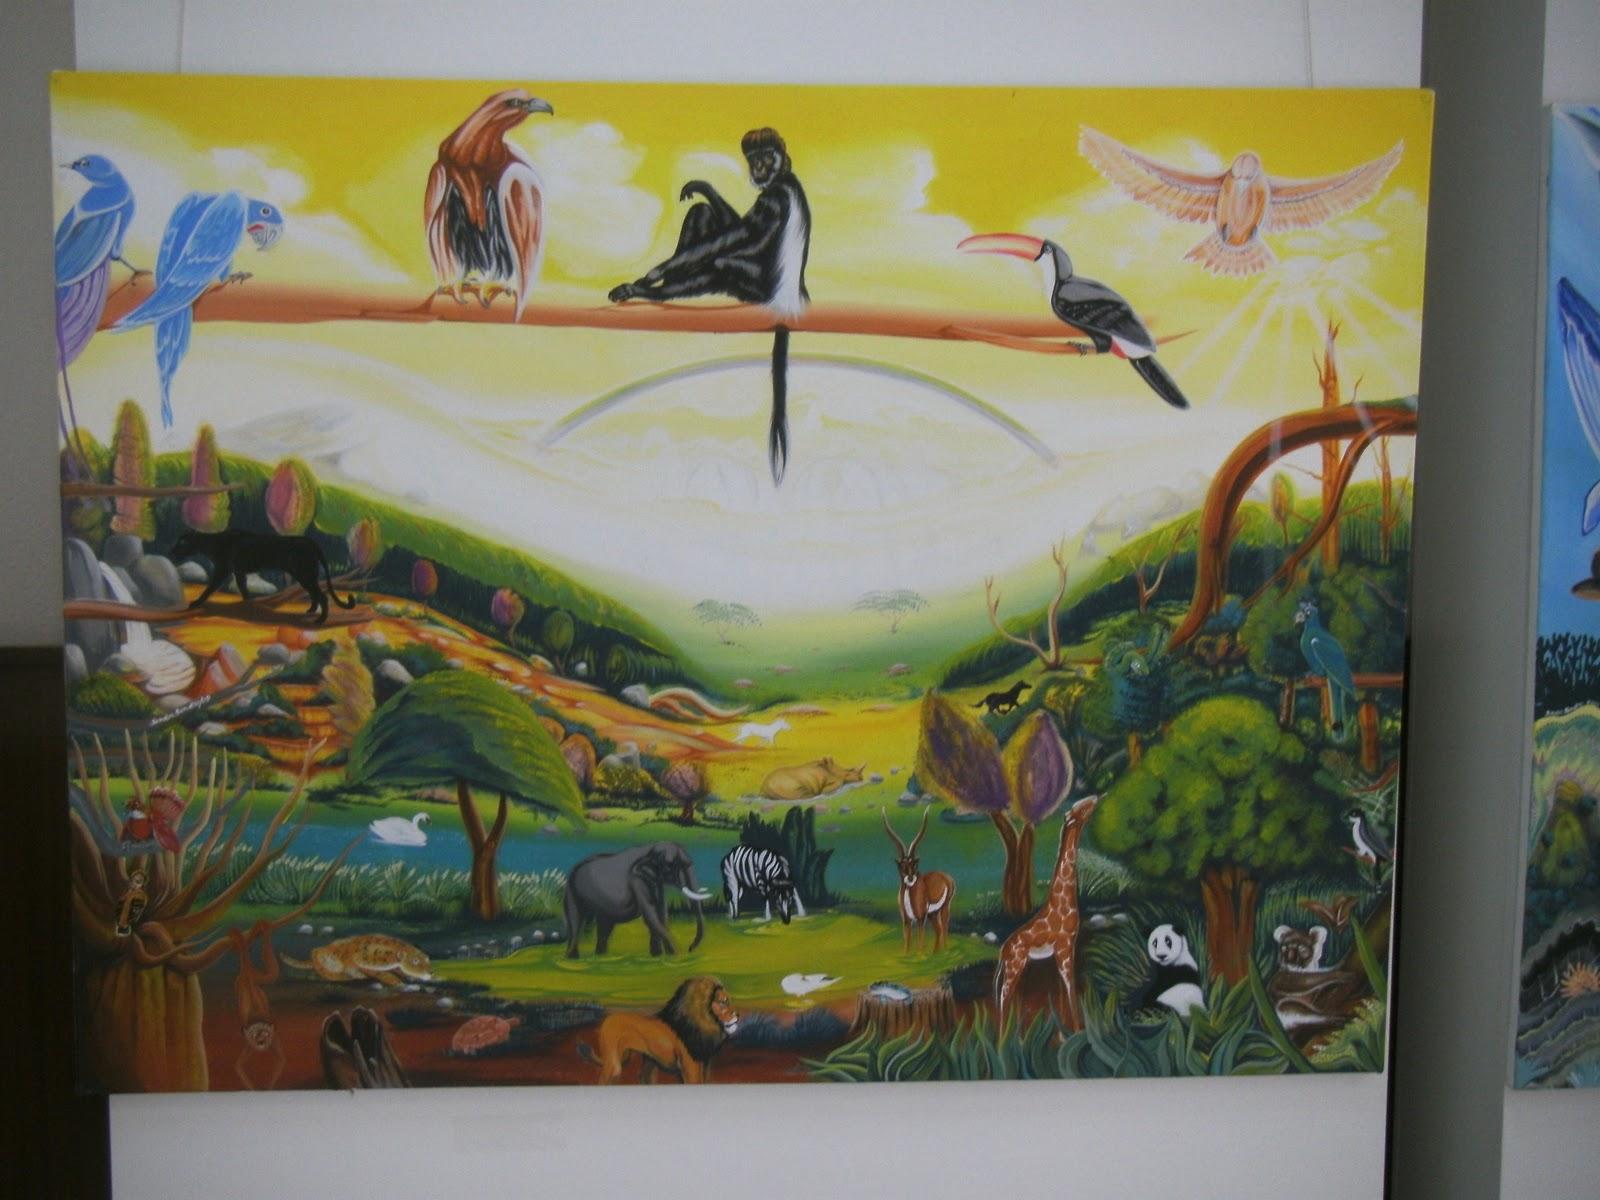 Pintura de paredes - Pinturas especiales para paredes ...